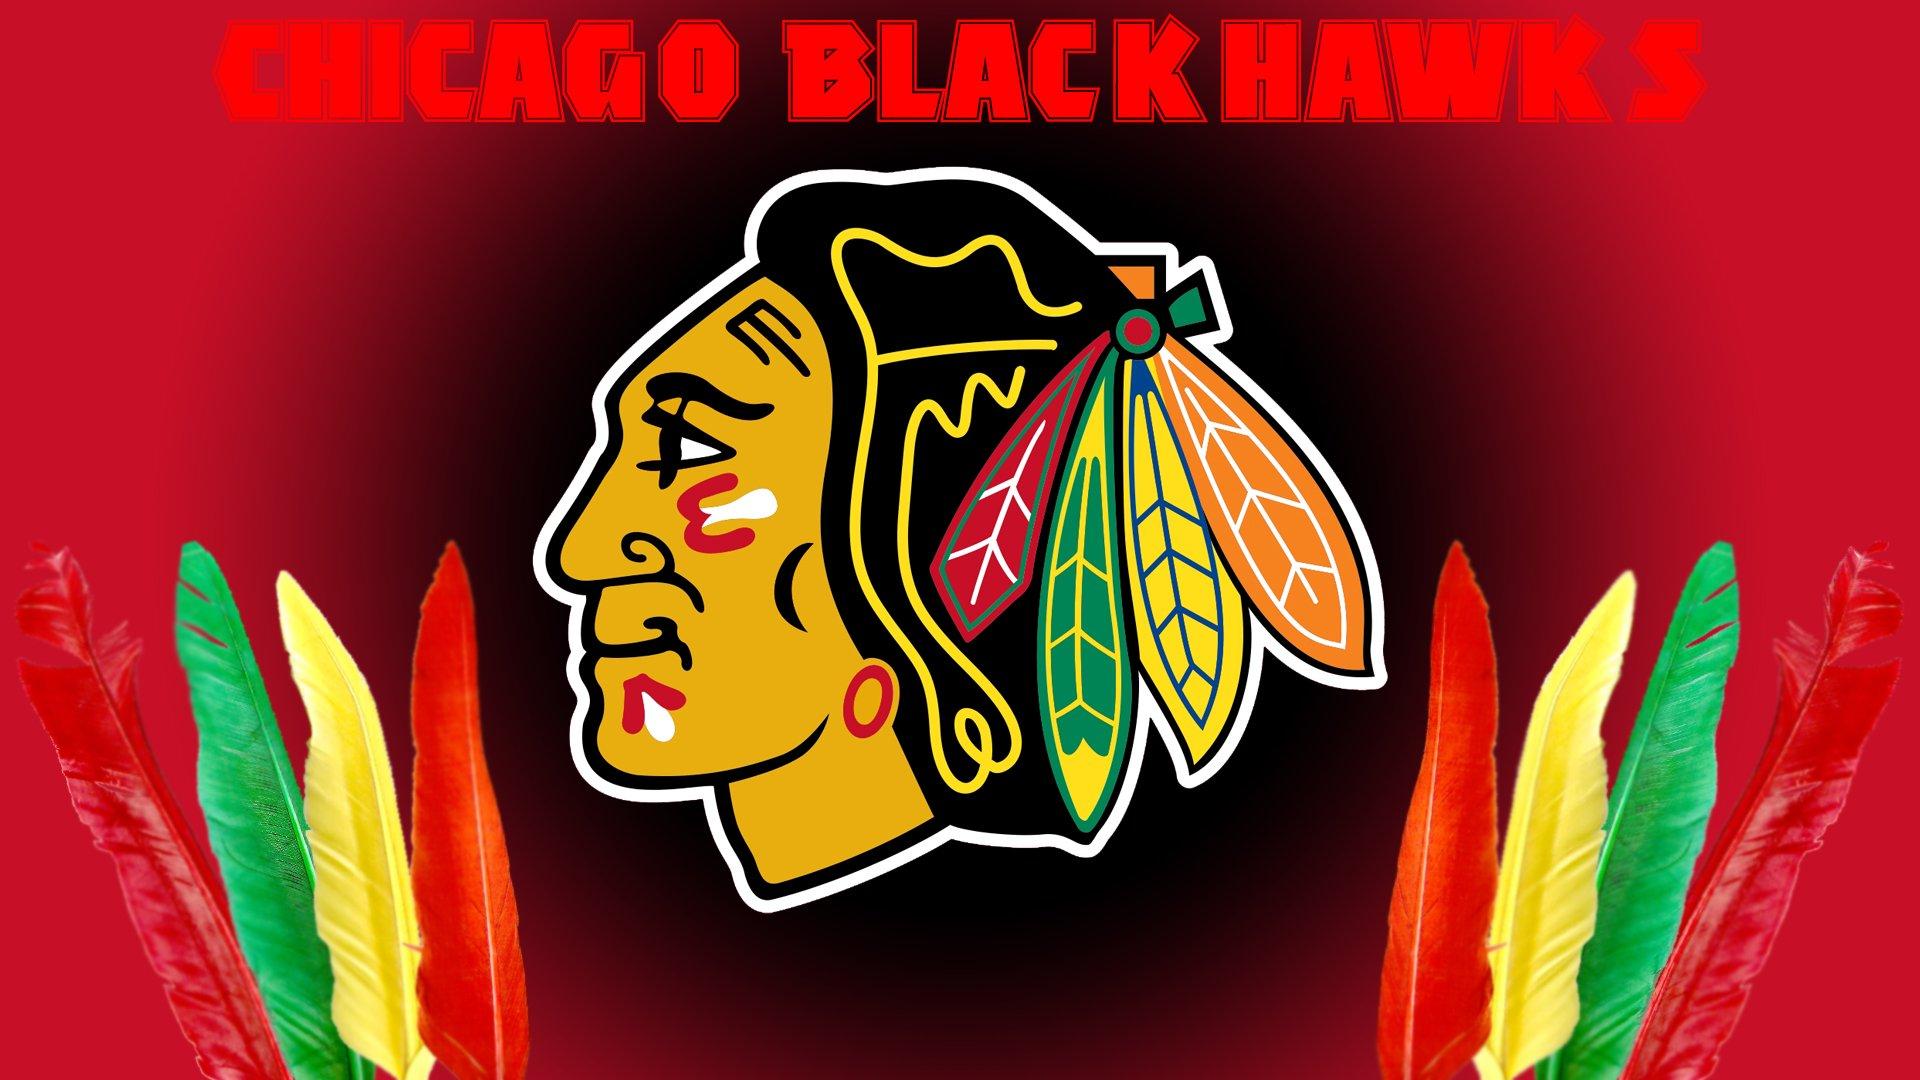 CHICAGO BLACKHAWKS Nhl Hockey 124 Wallpaper